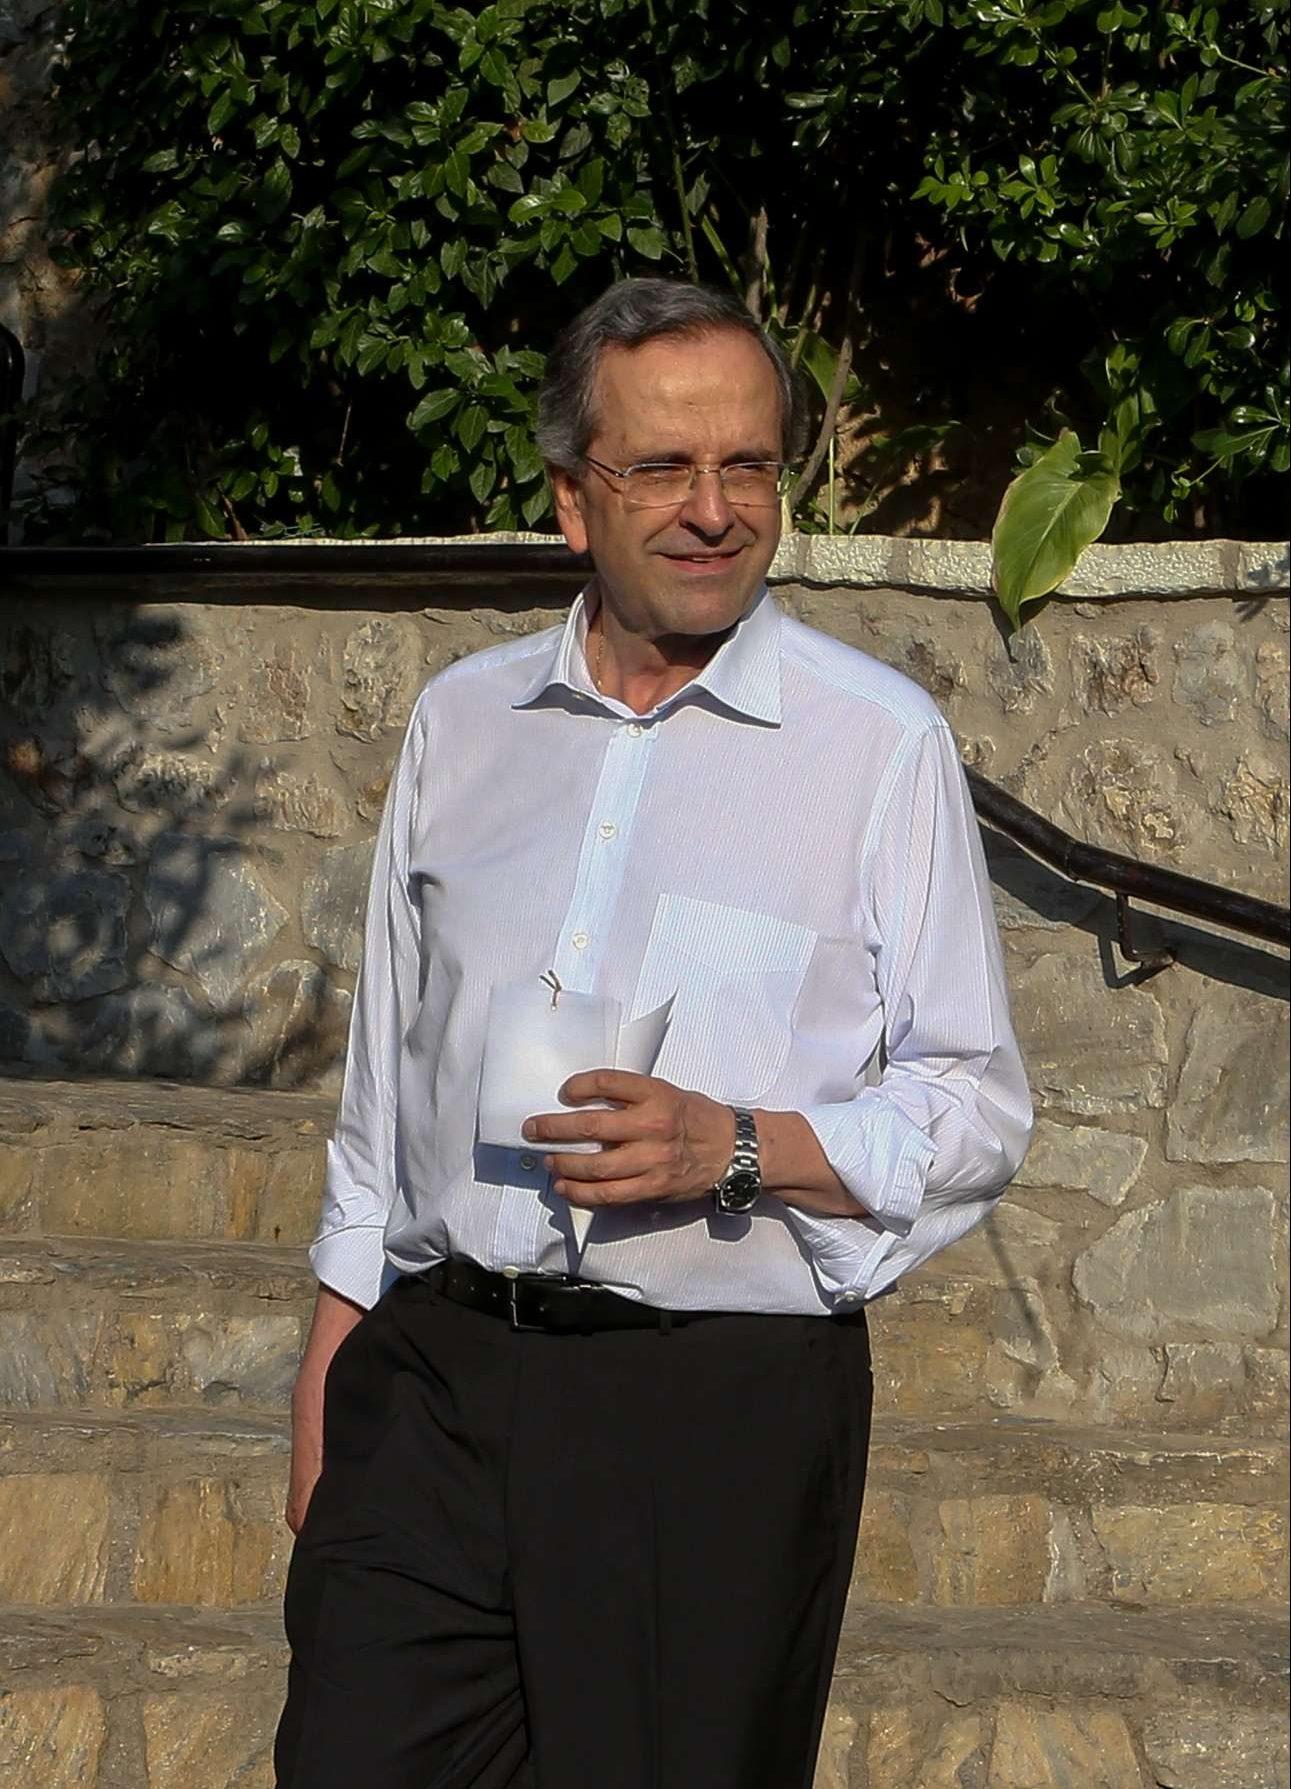 Ο πρώην Πρωθυπουργός Αντώνης Σαμαράς με καλοκαιρινό στιλ και με τα κουφέτα στο χέρι